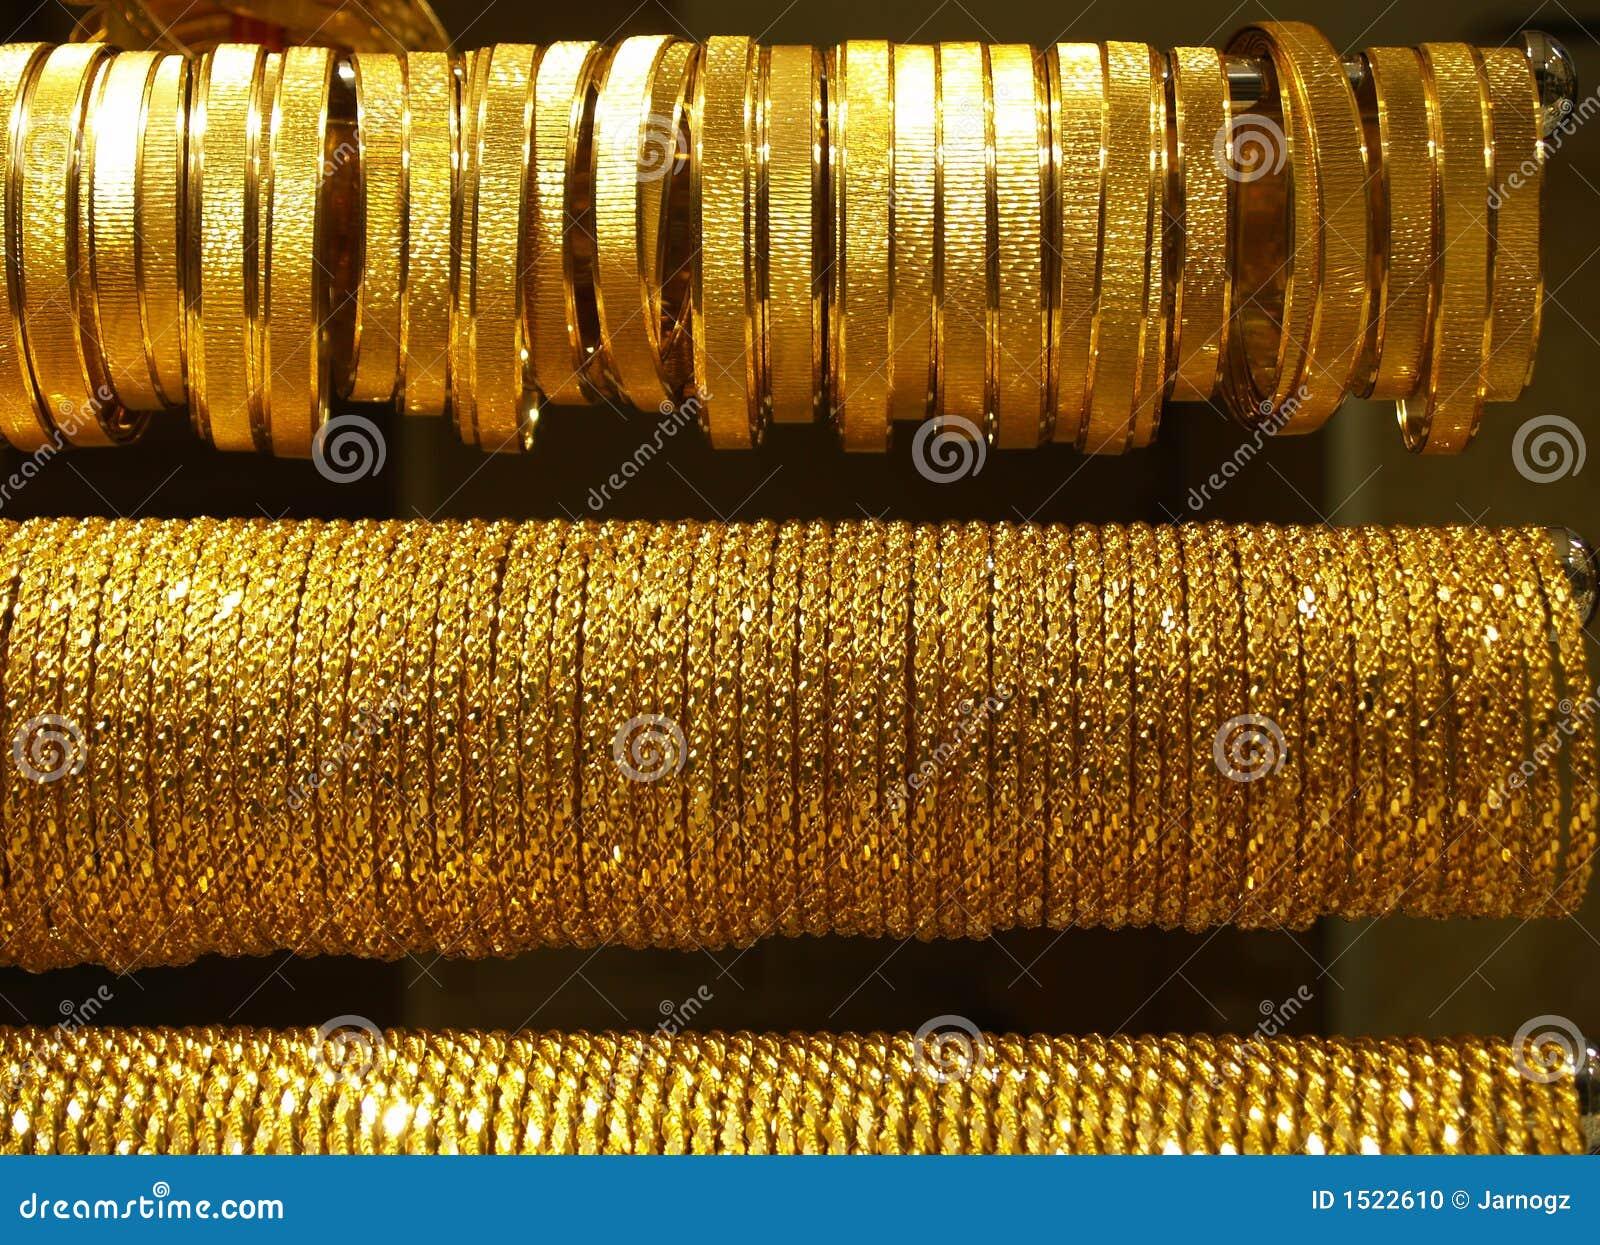 Goldhalsketten und -armbänder